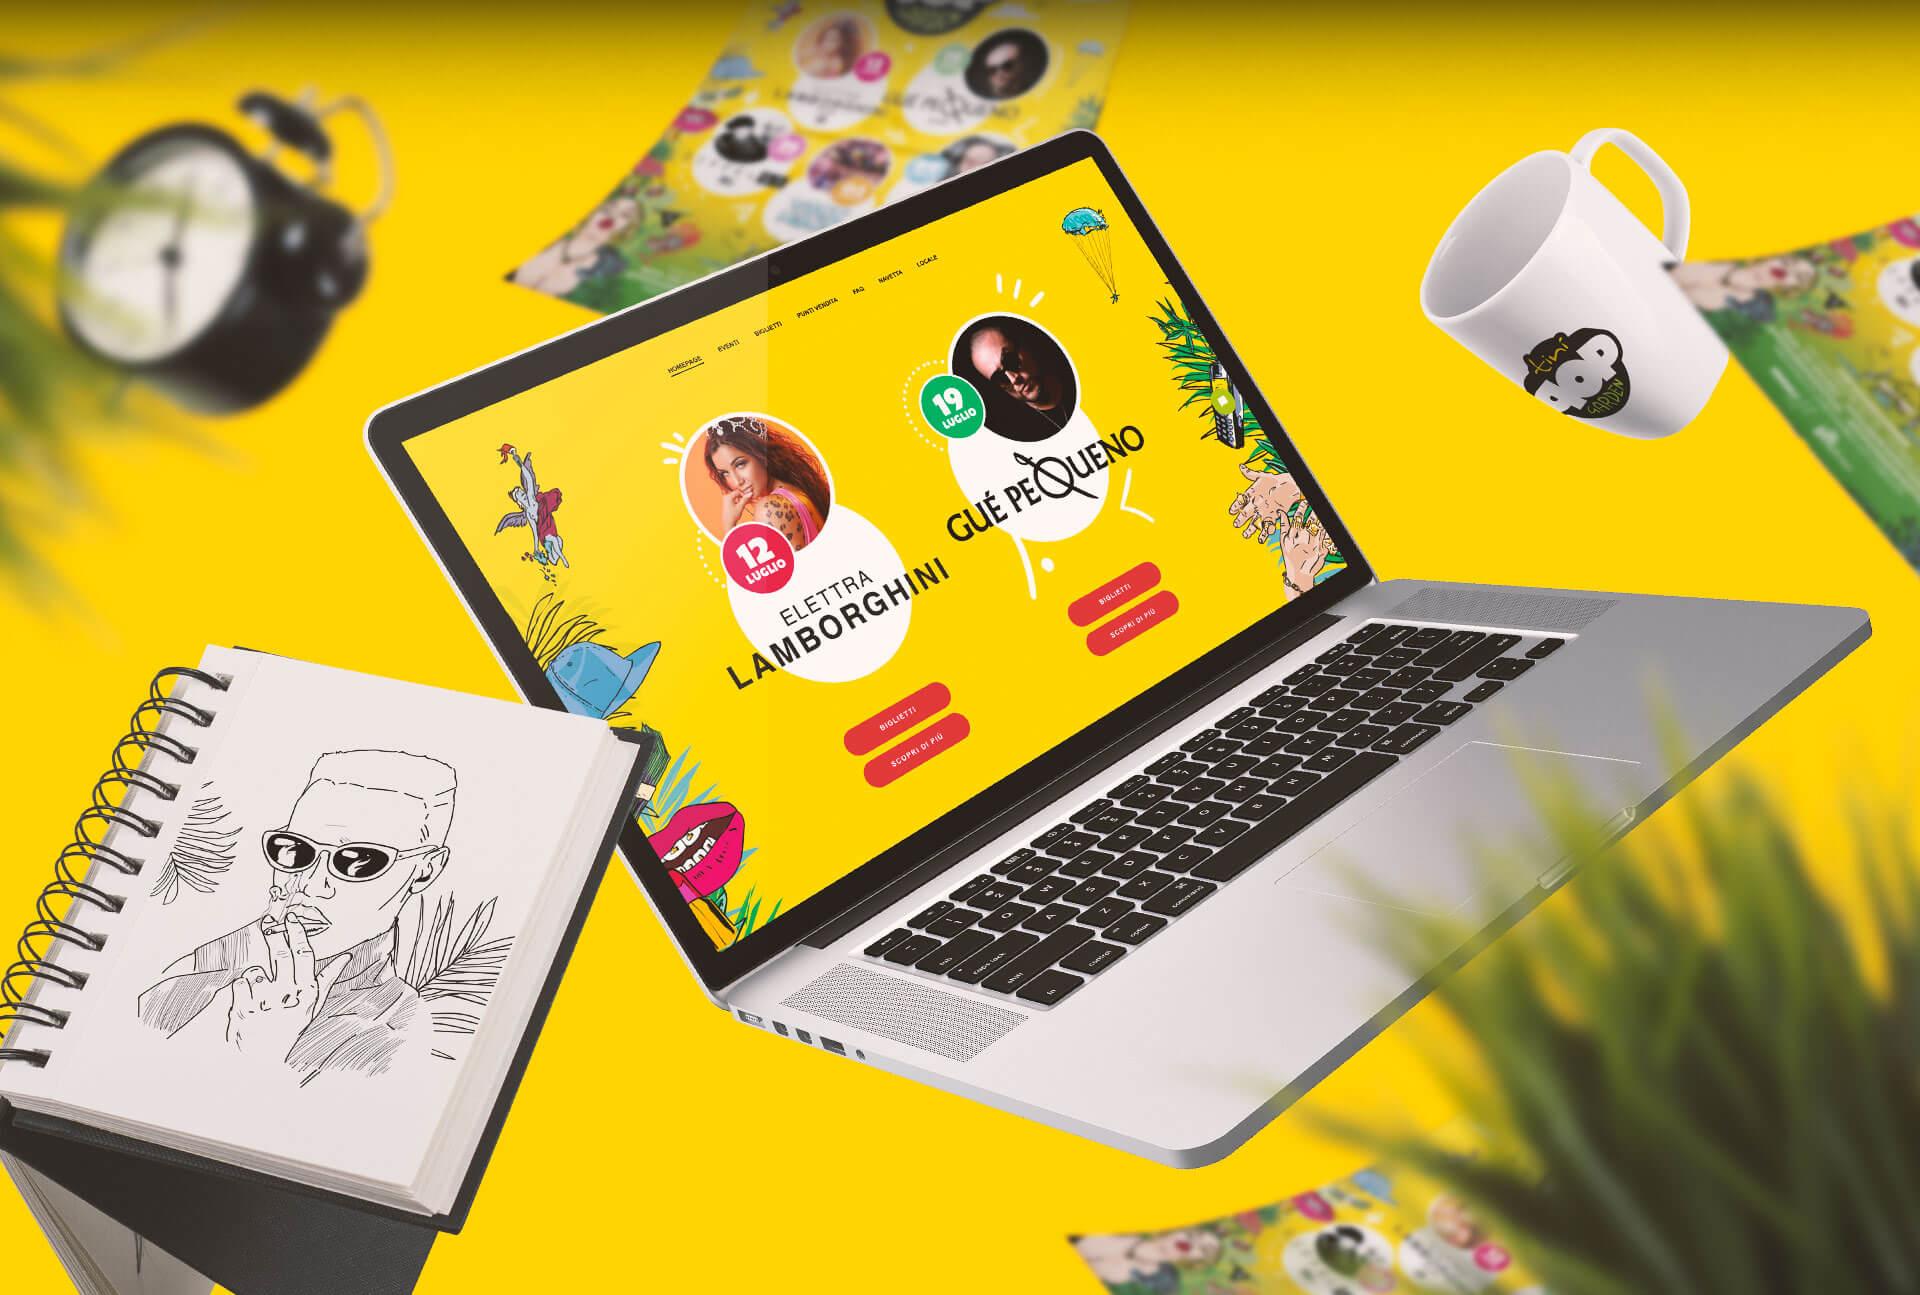 popgarden-website1